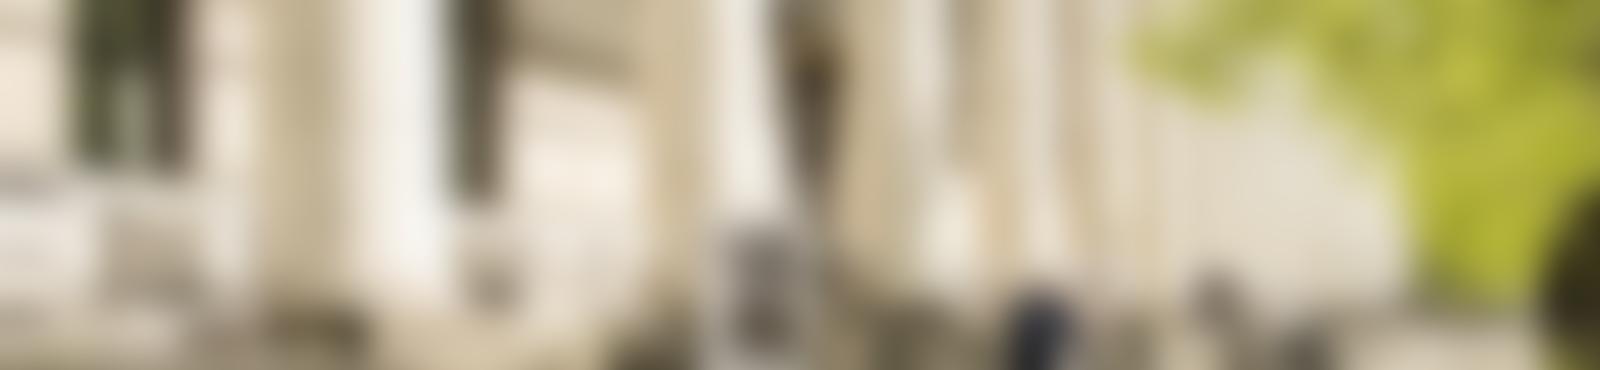 Blurred e00d2fc4 b363 4a0e 850f 5c3cc5972267